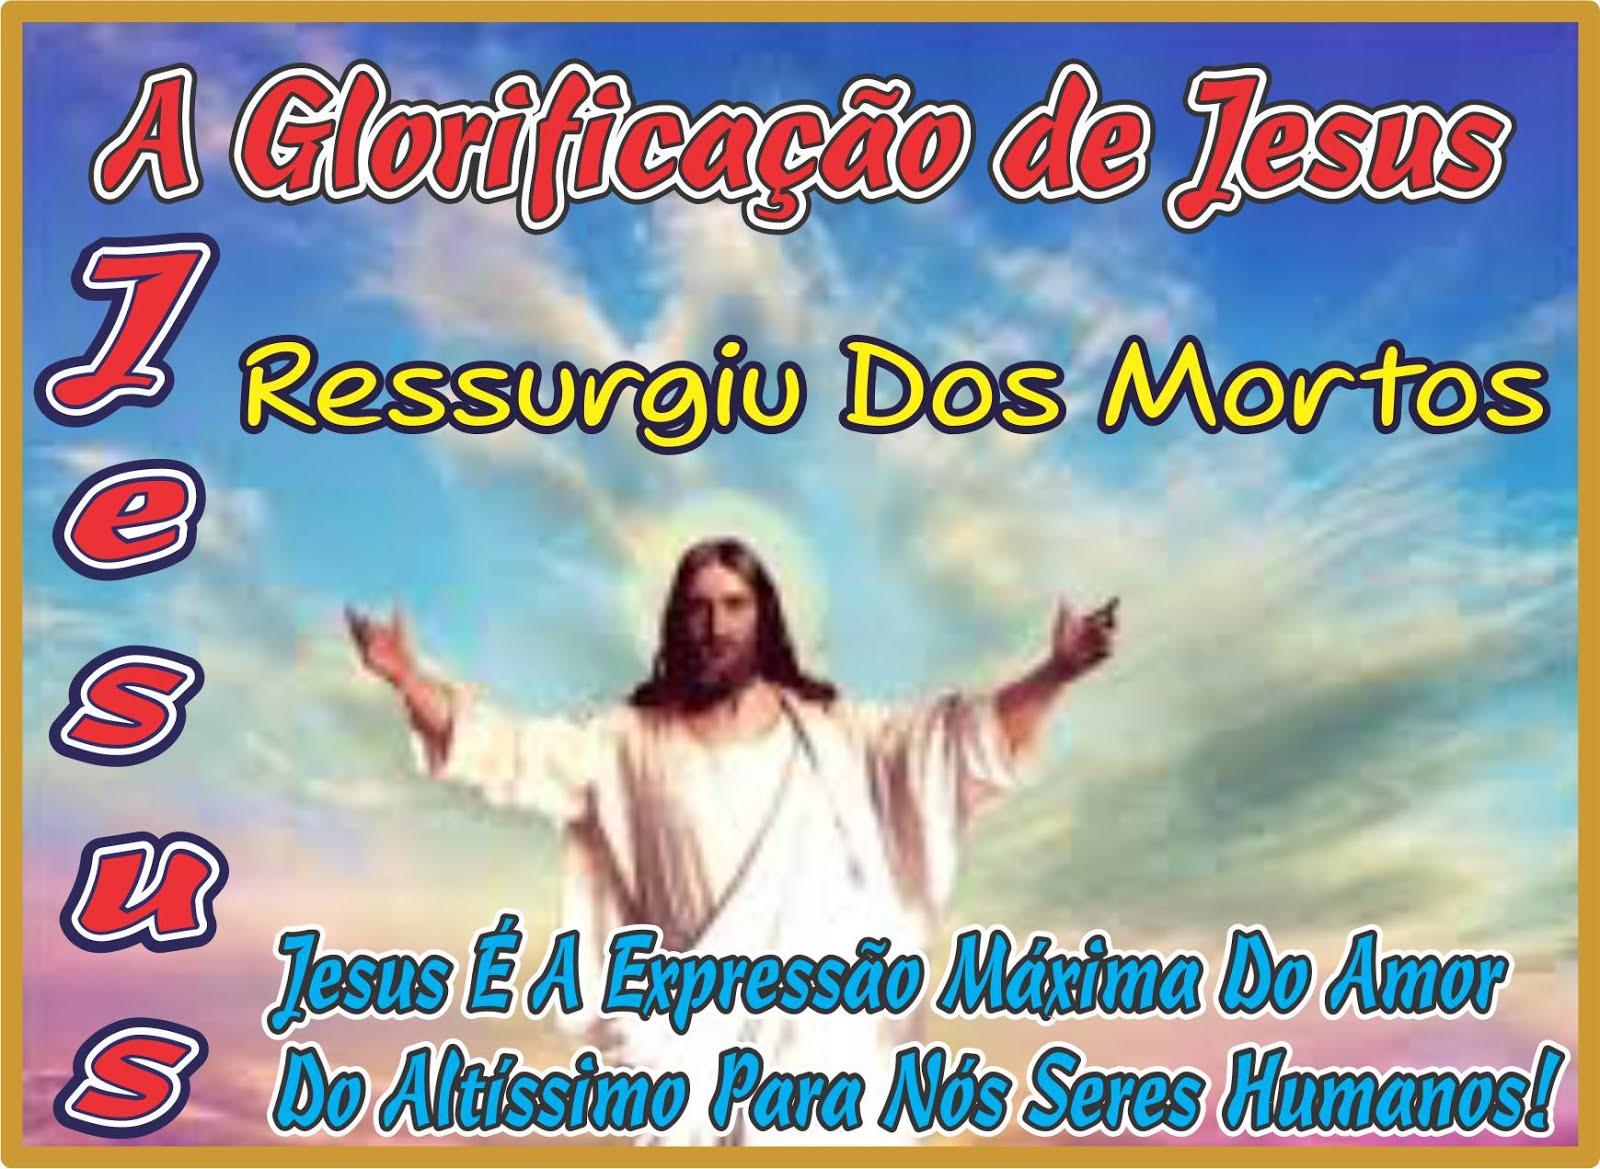 Jesus Filho Unigênito do Altíssimo